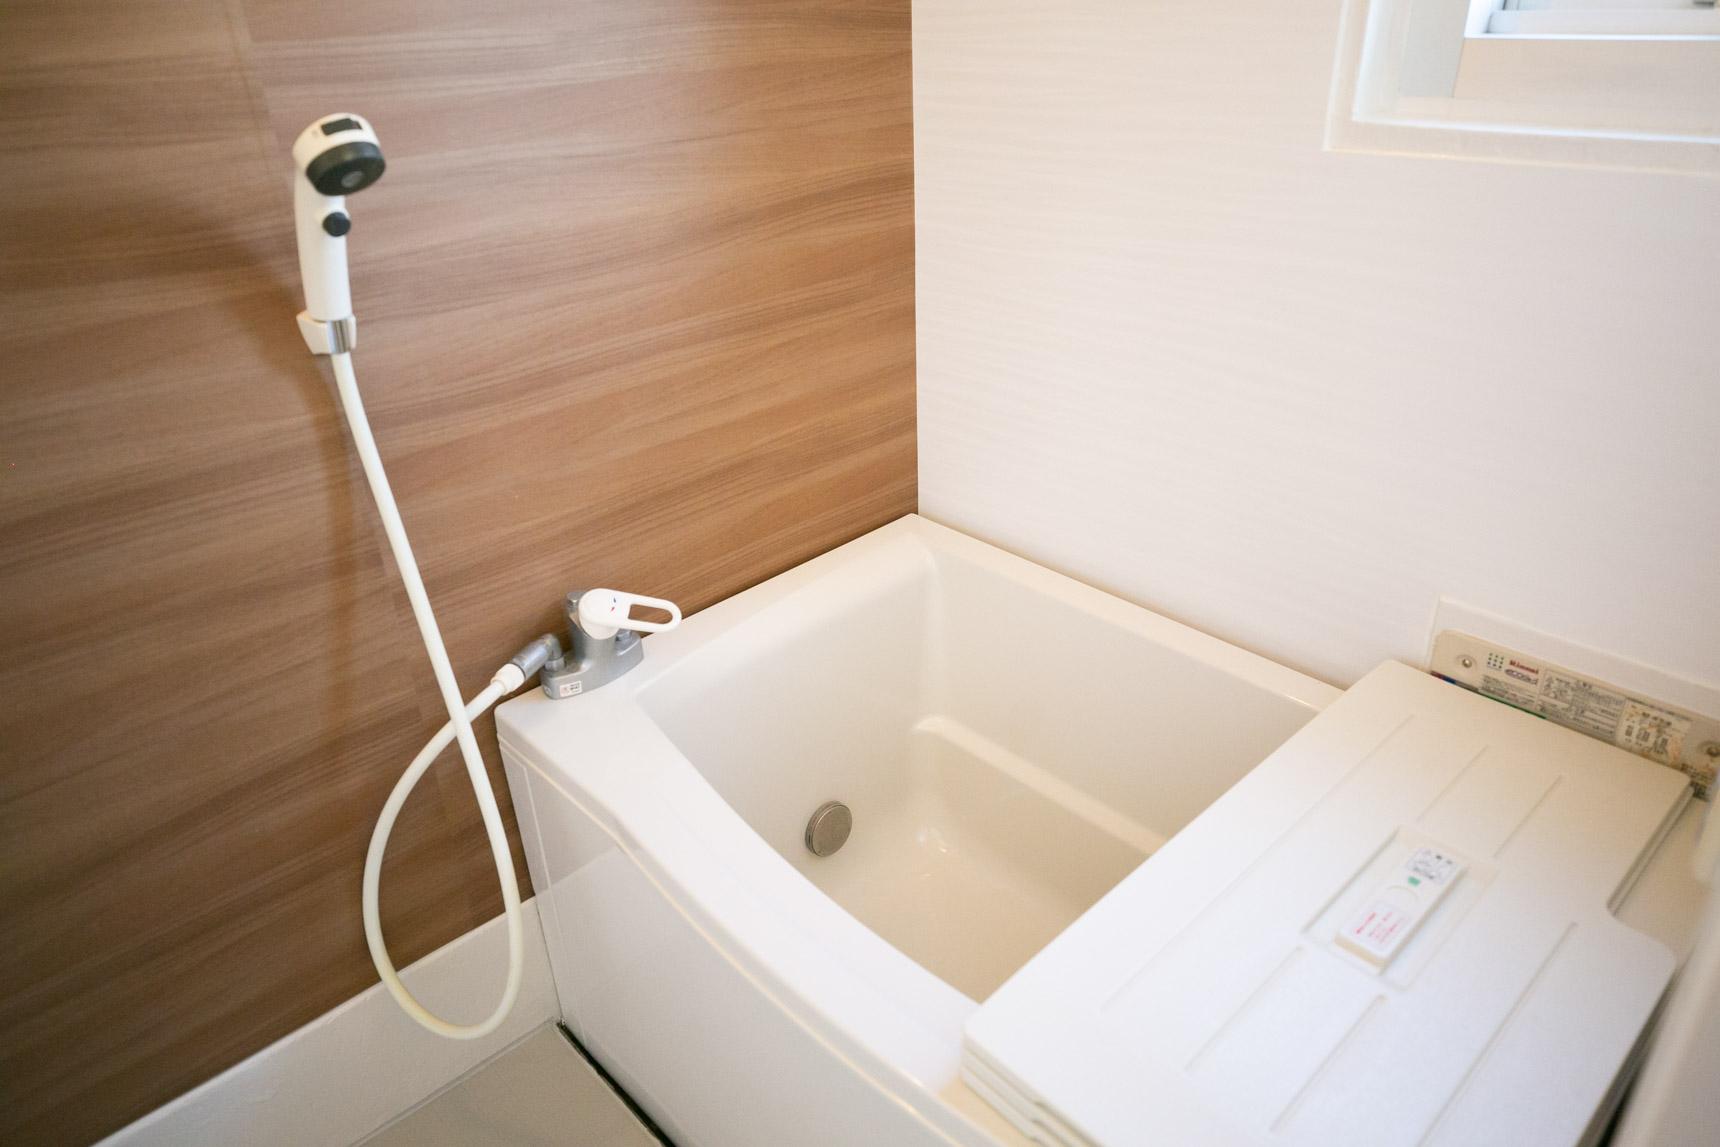 お風呂も浴槽がちょっとゆったりしたものに。壁にもシートが貼られて、見違えましたね。アクセントカラーも好印象です。